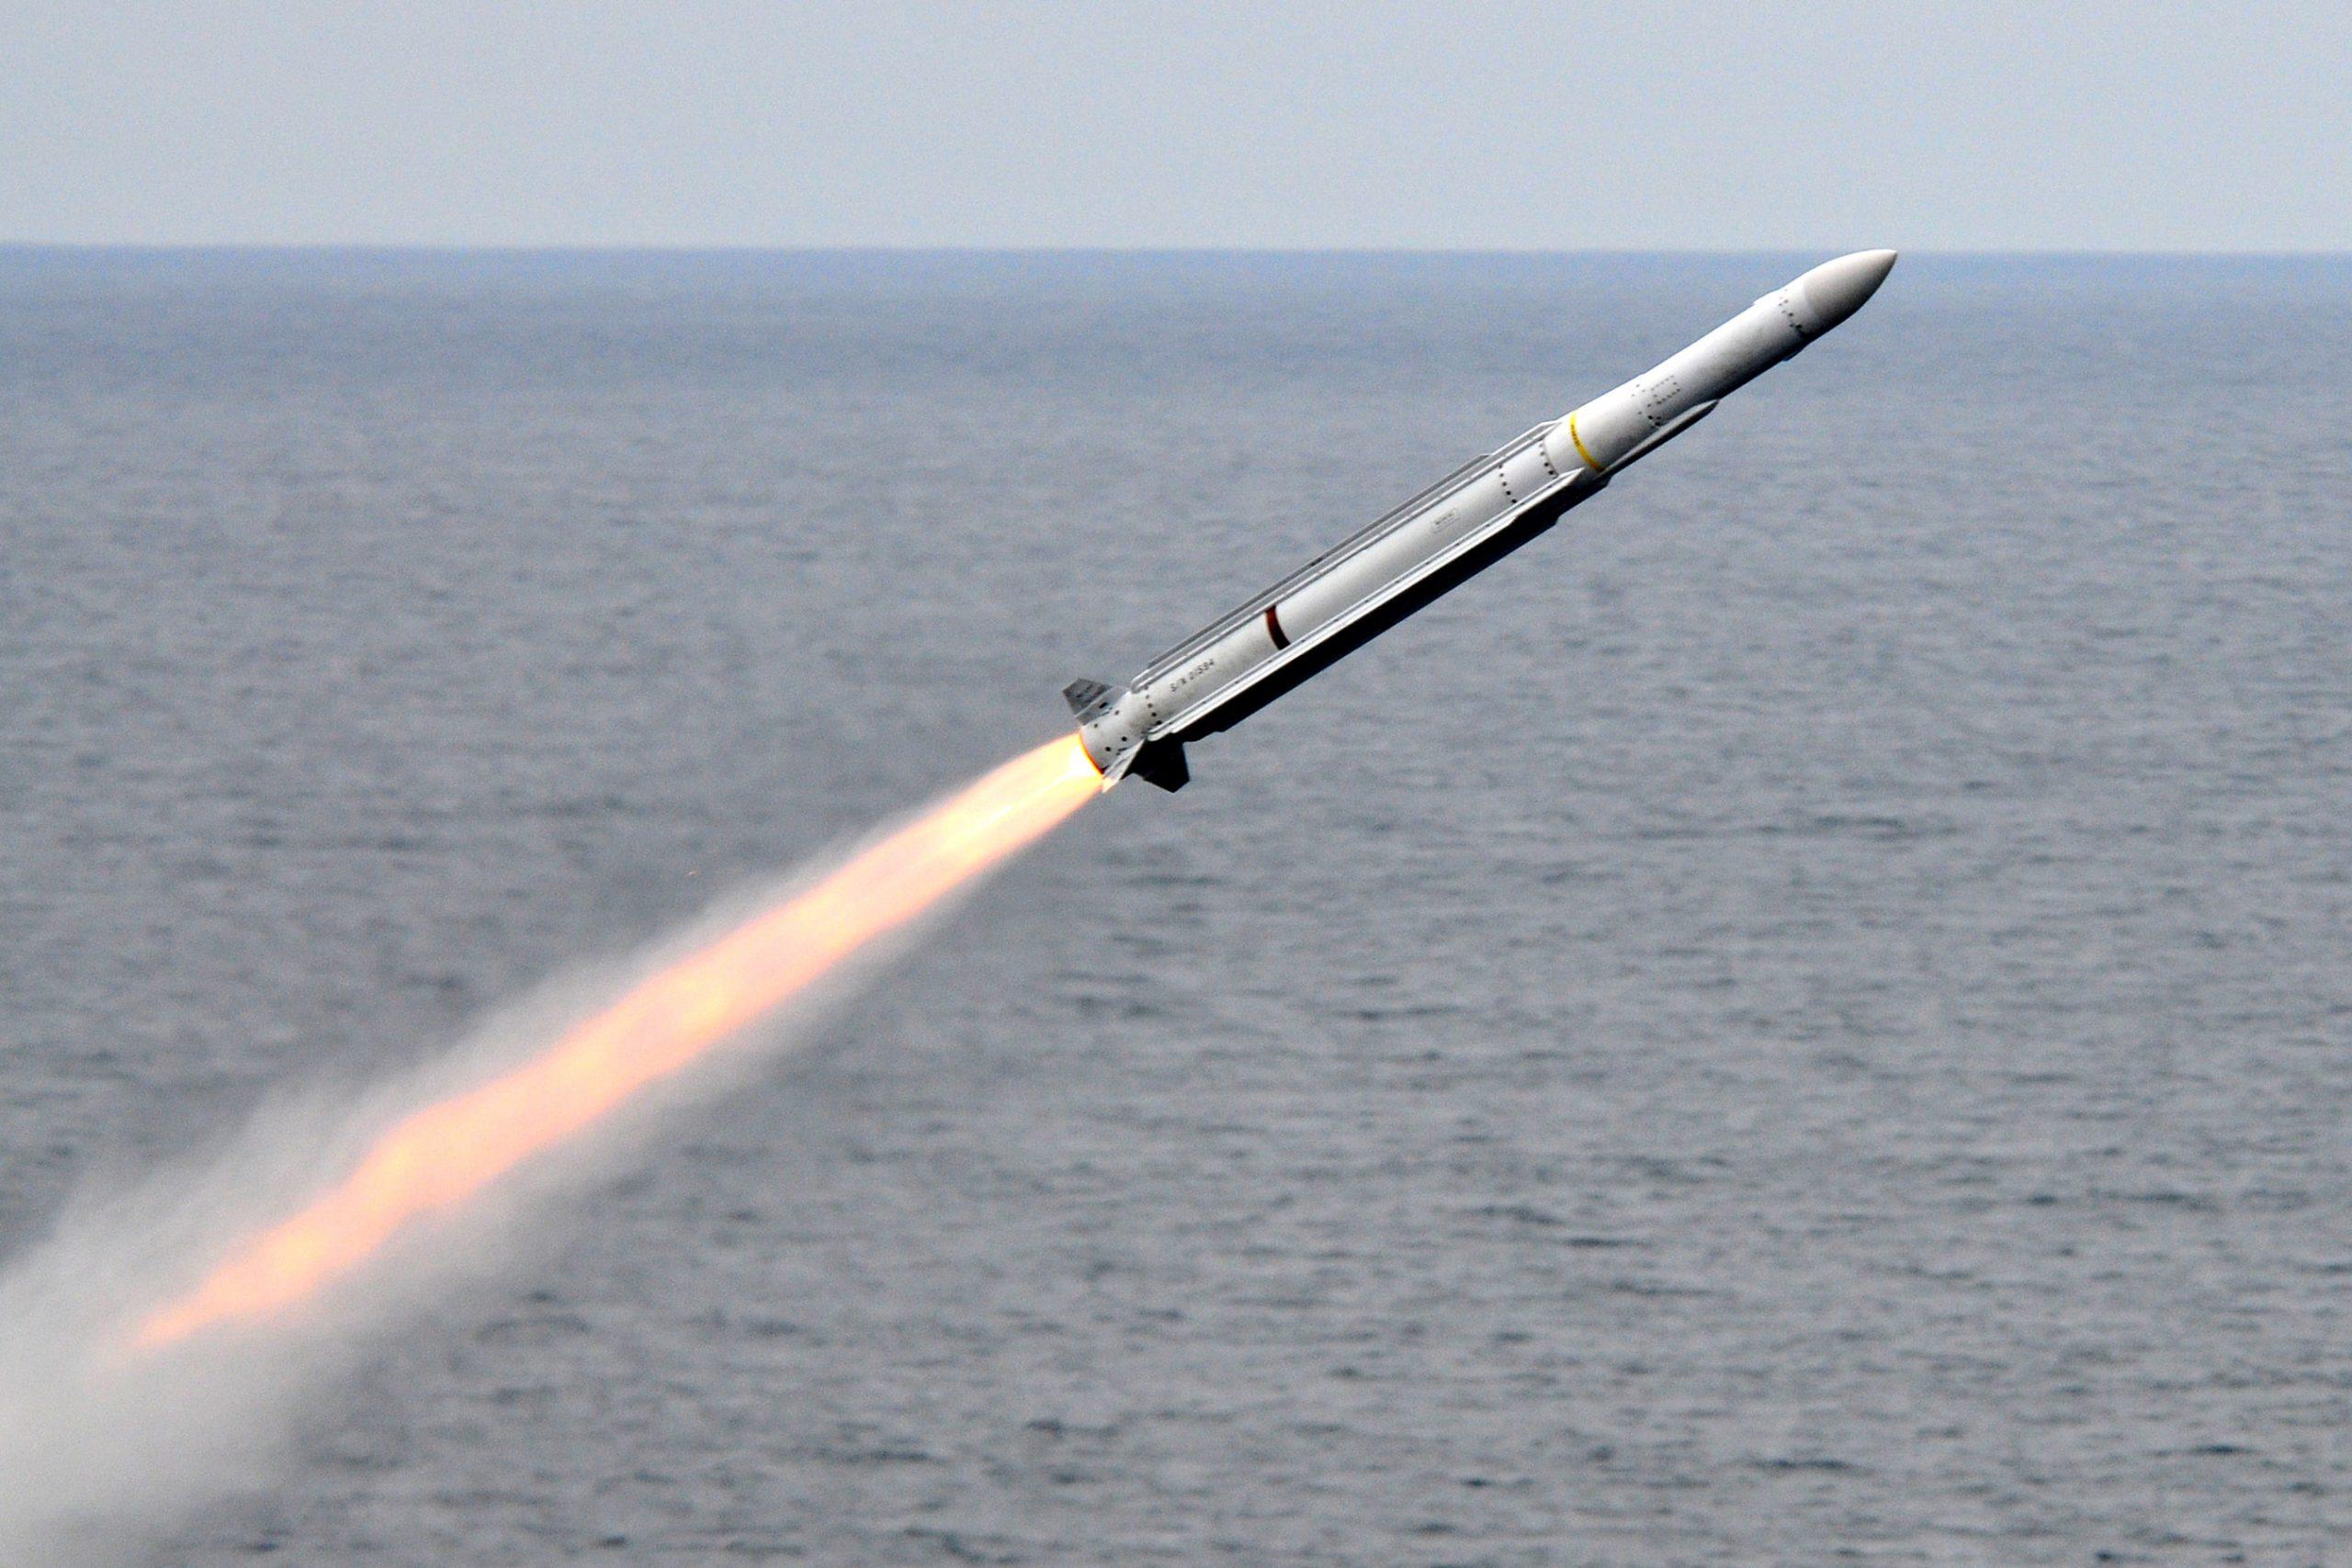 Informadorchile | Gobierno de Chile compraría 16 Standard Missile-2 (SM-2) Block IIIA  para los barcos de la Armada de Chile